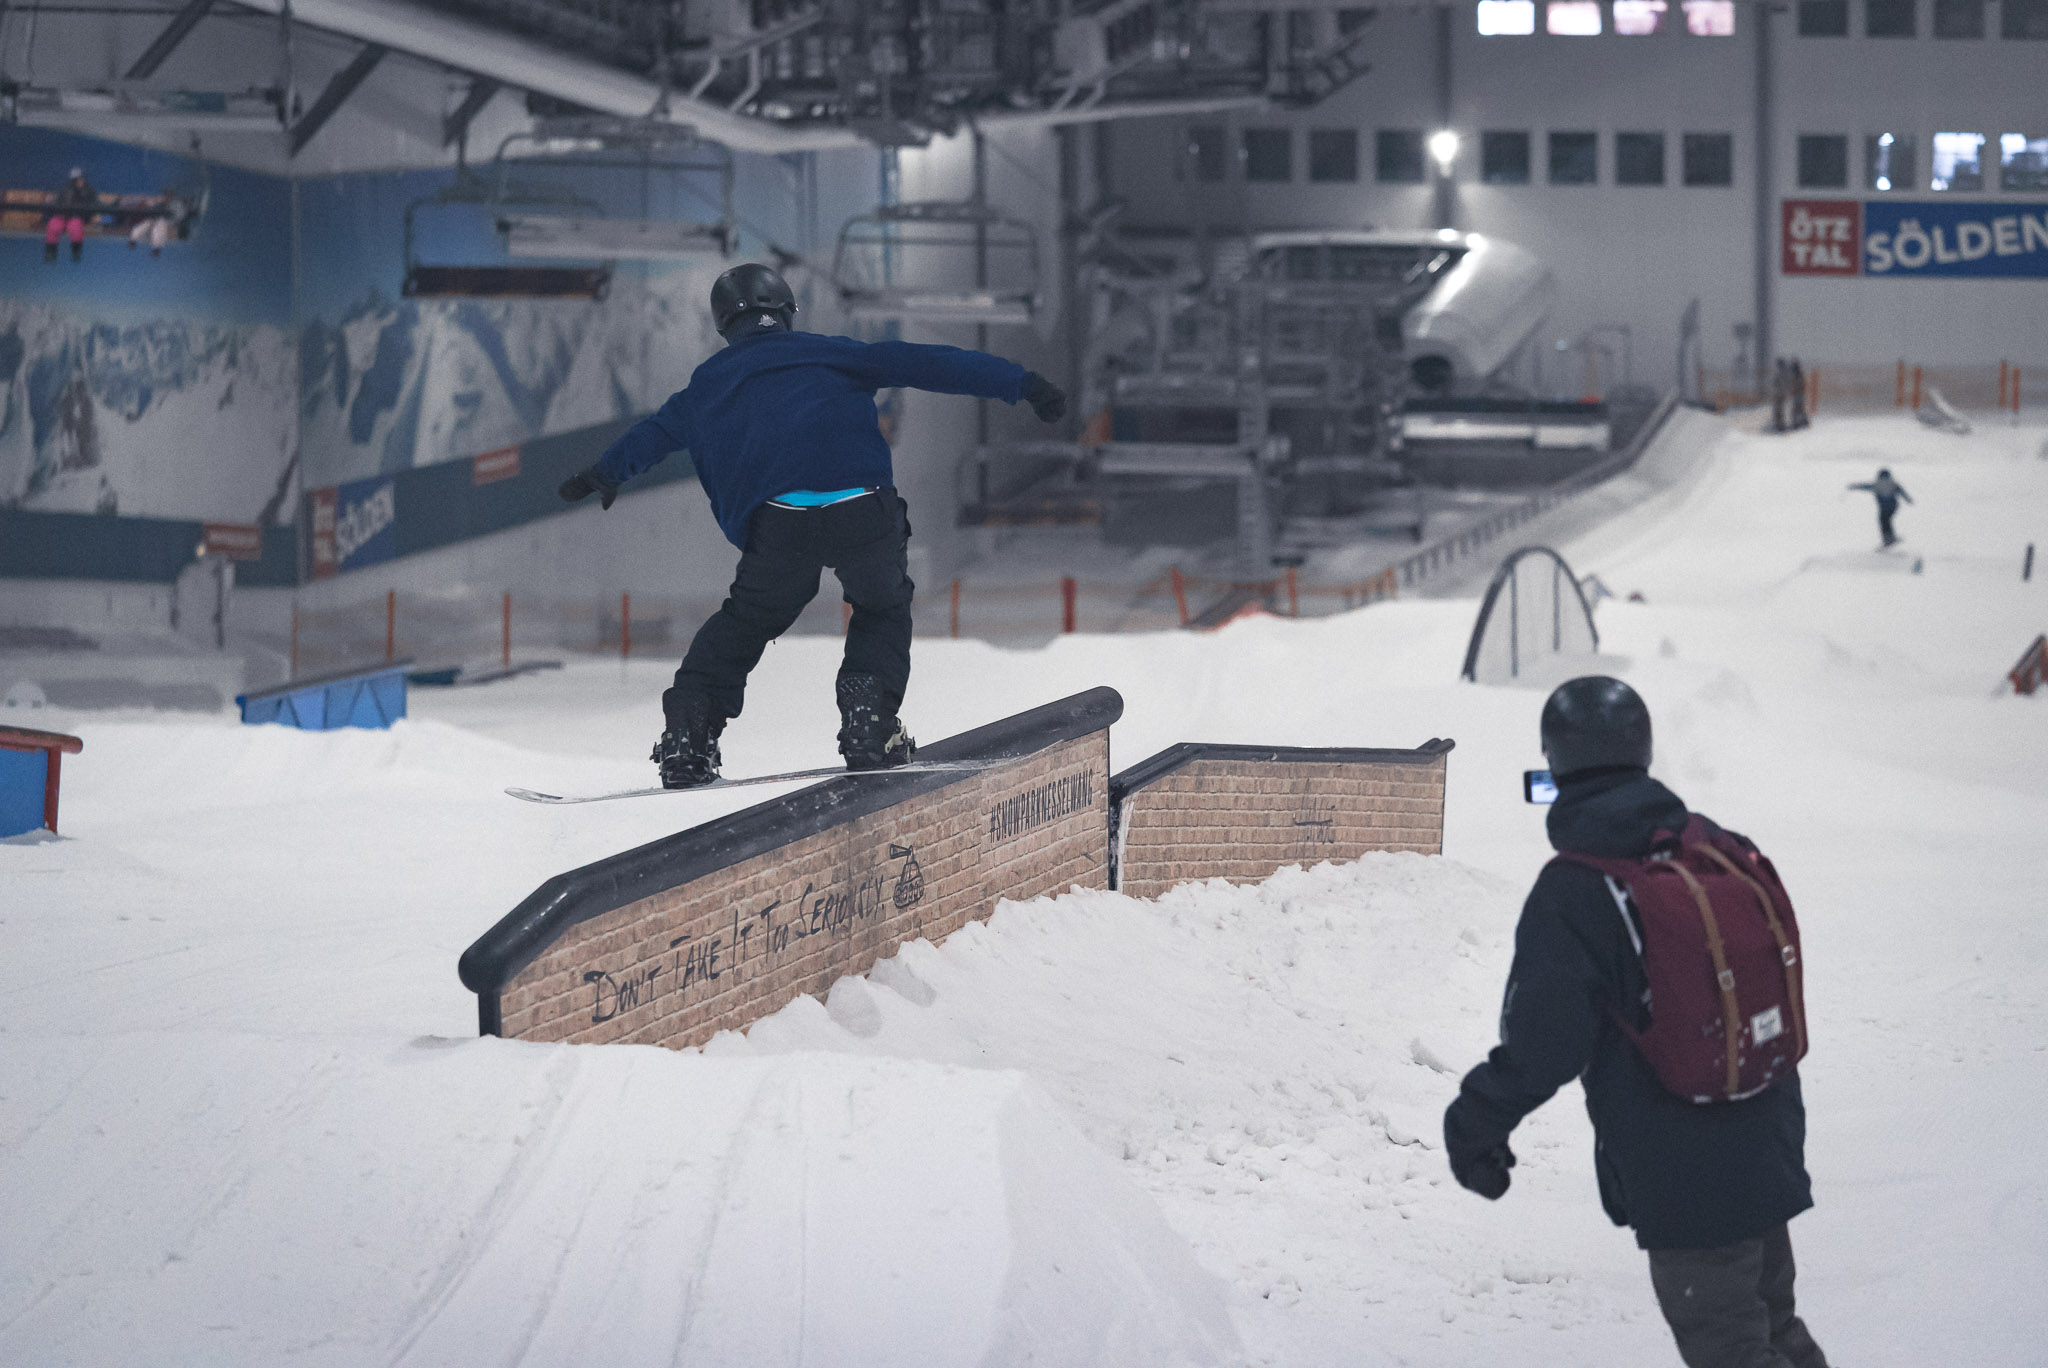 Vor allem für Jibber eine prächtige Beschäftigung im Sommer: Der Rail Park im Snow Dome Bispingen